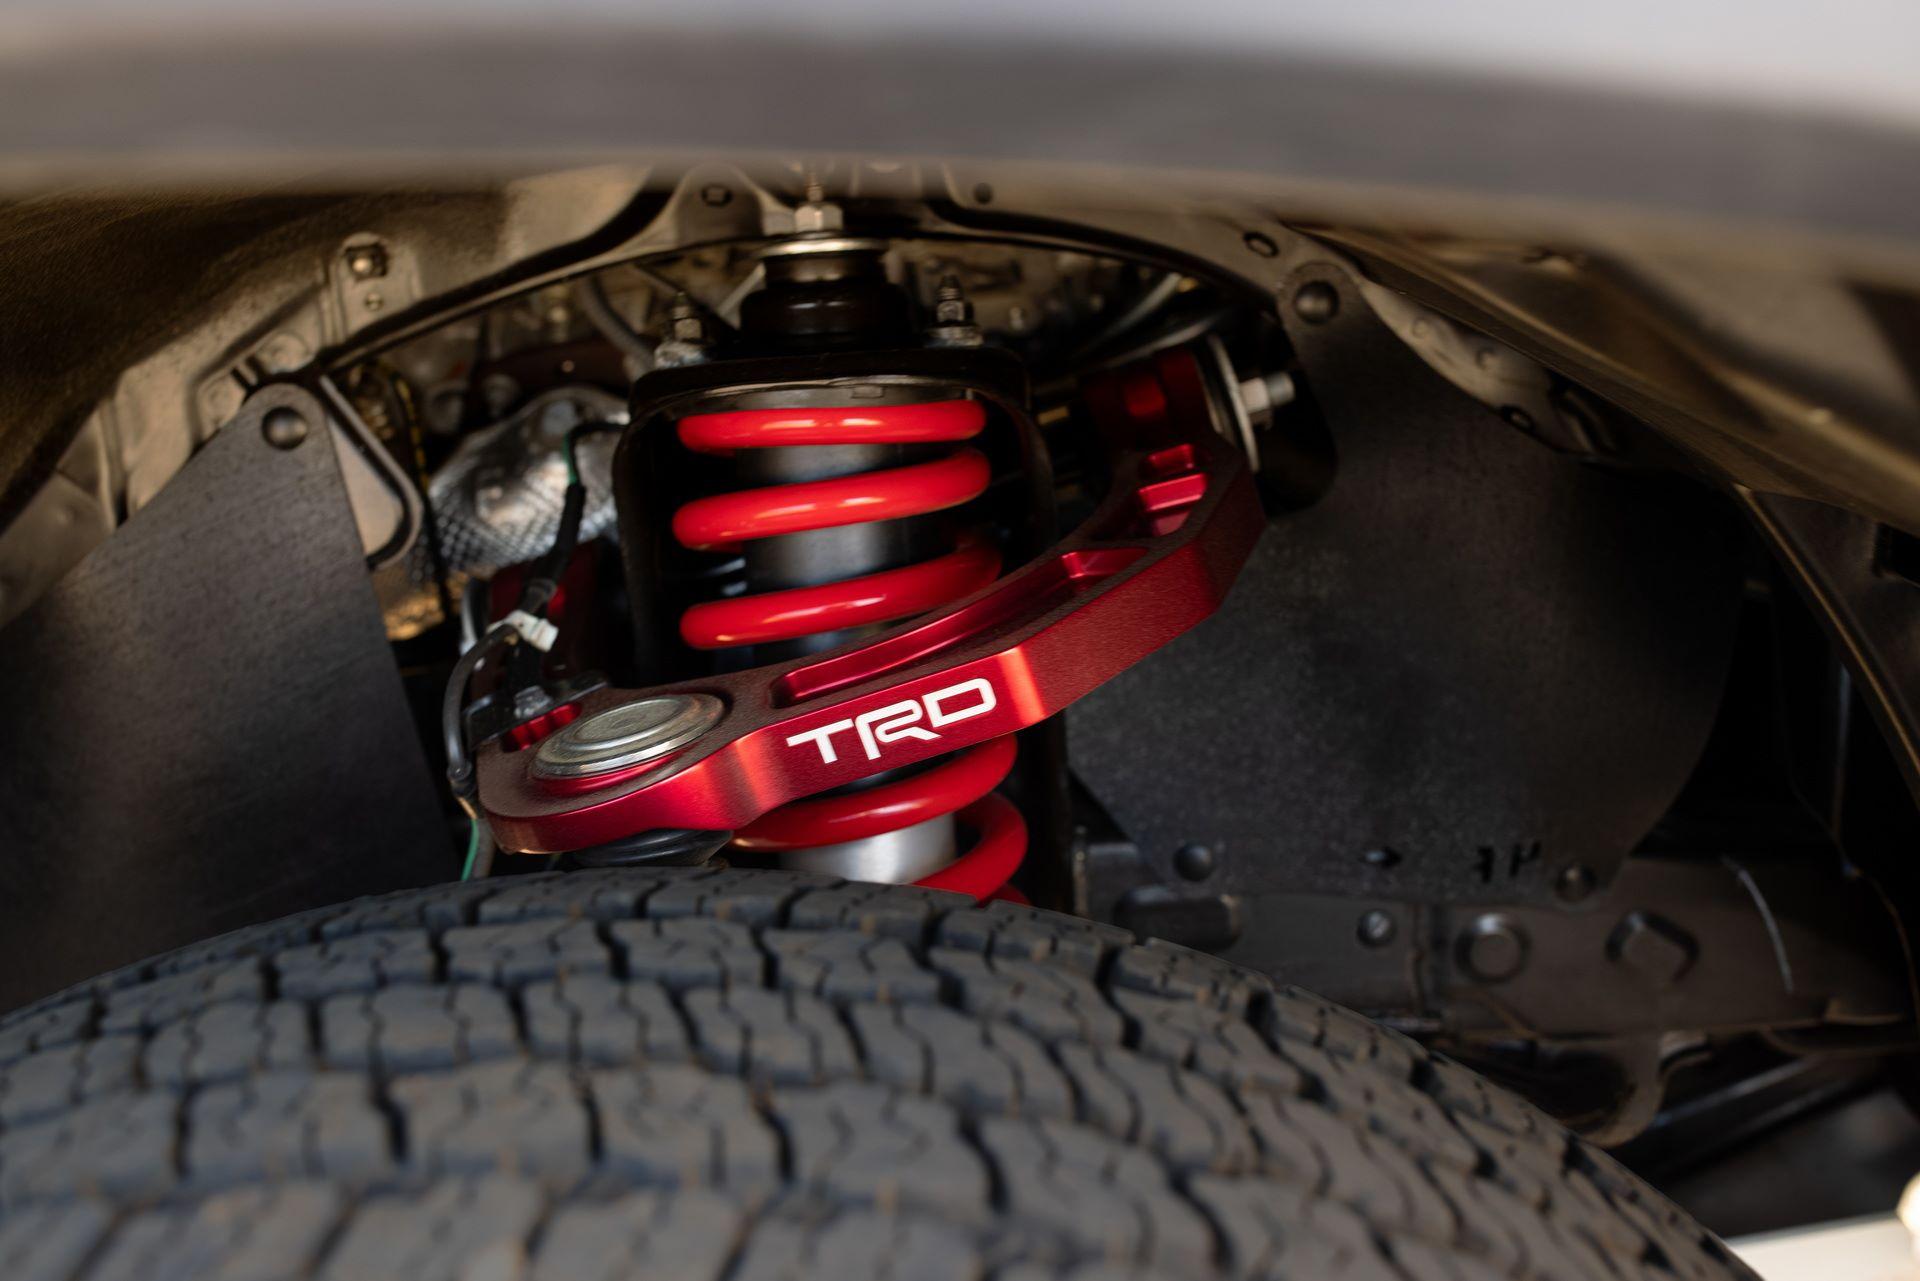 Toyota-Tacoma-TRD-Pro-and-Tacoma-Trail-Edition-15